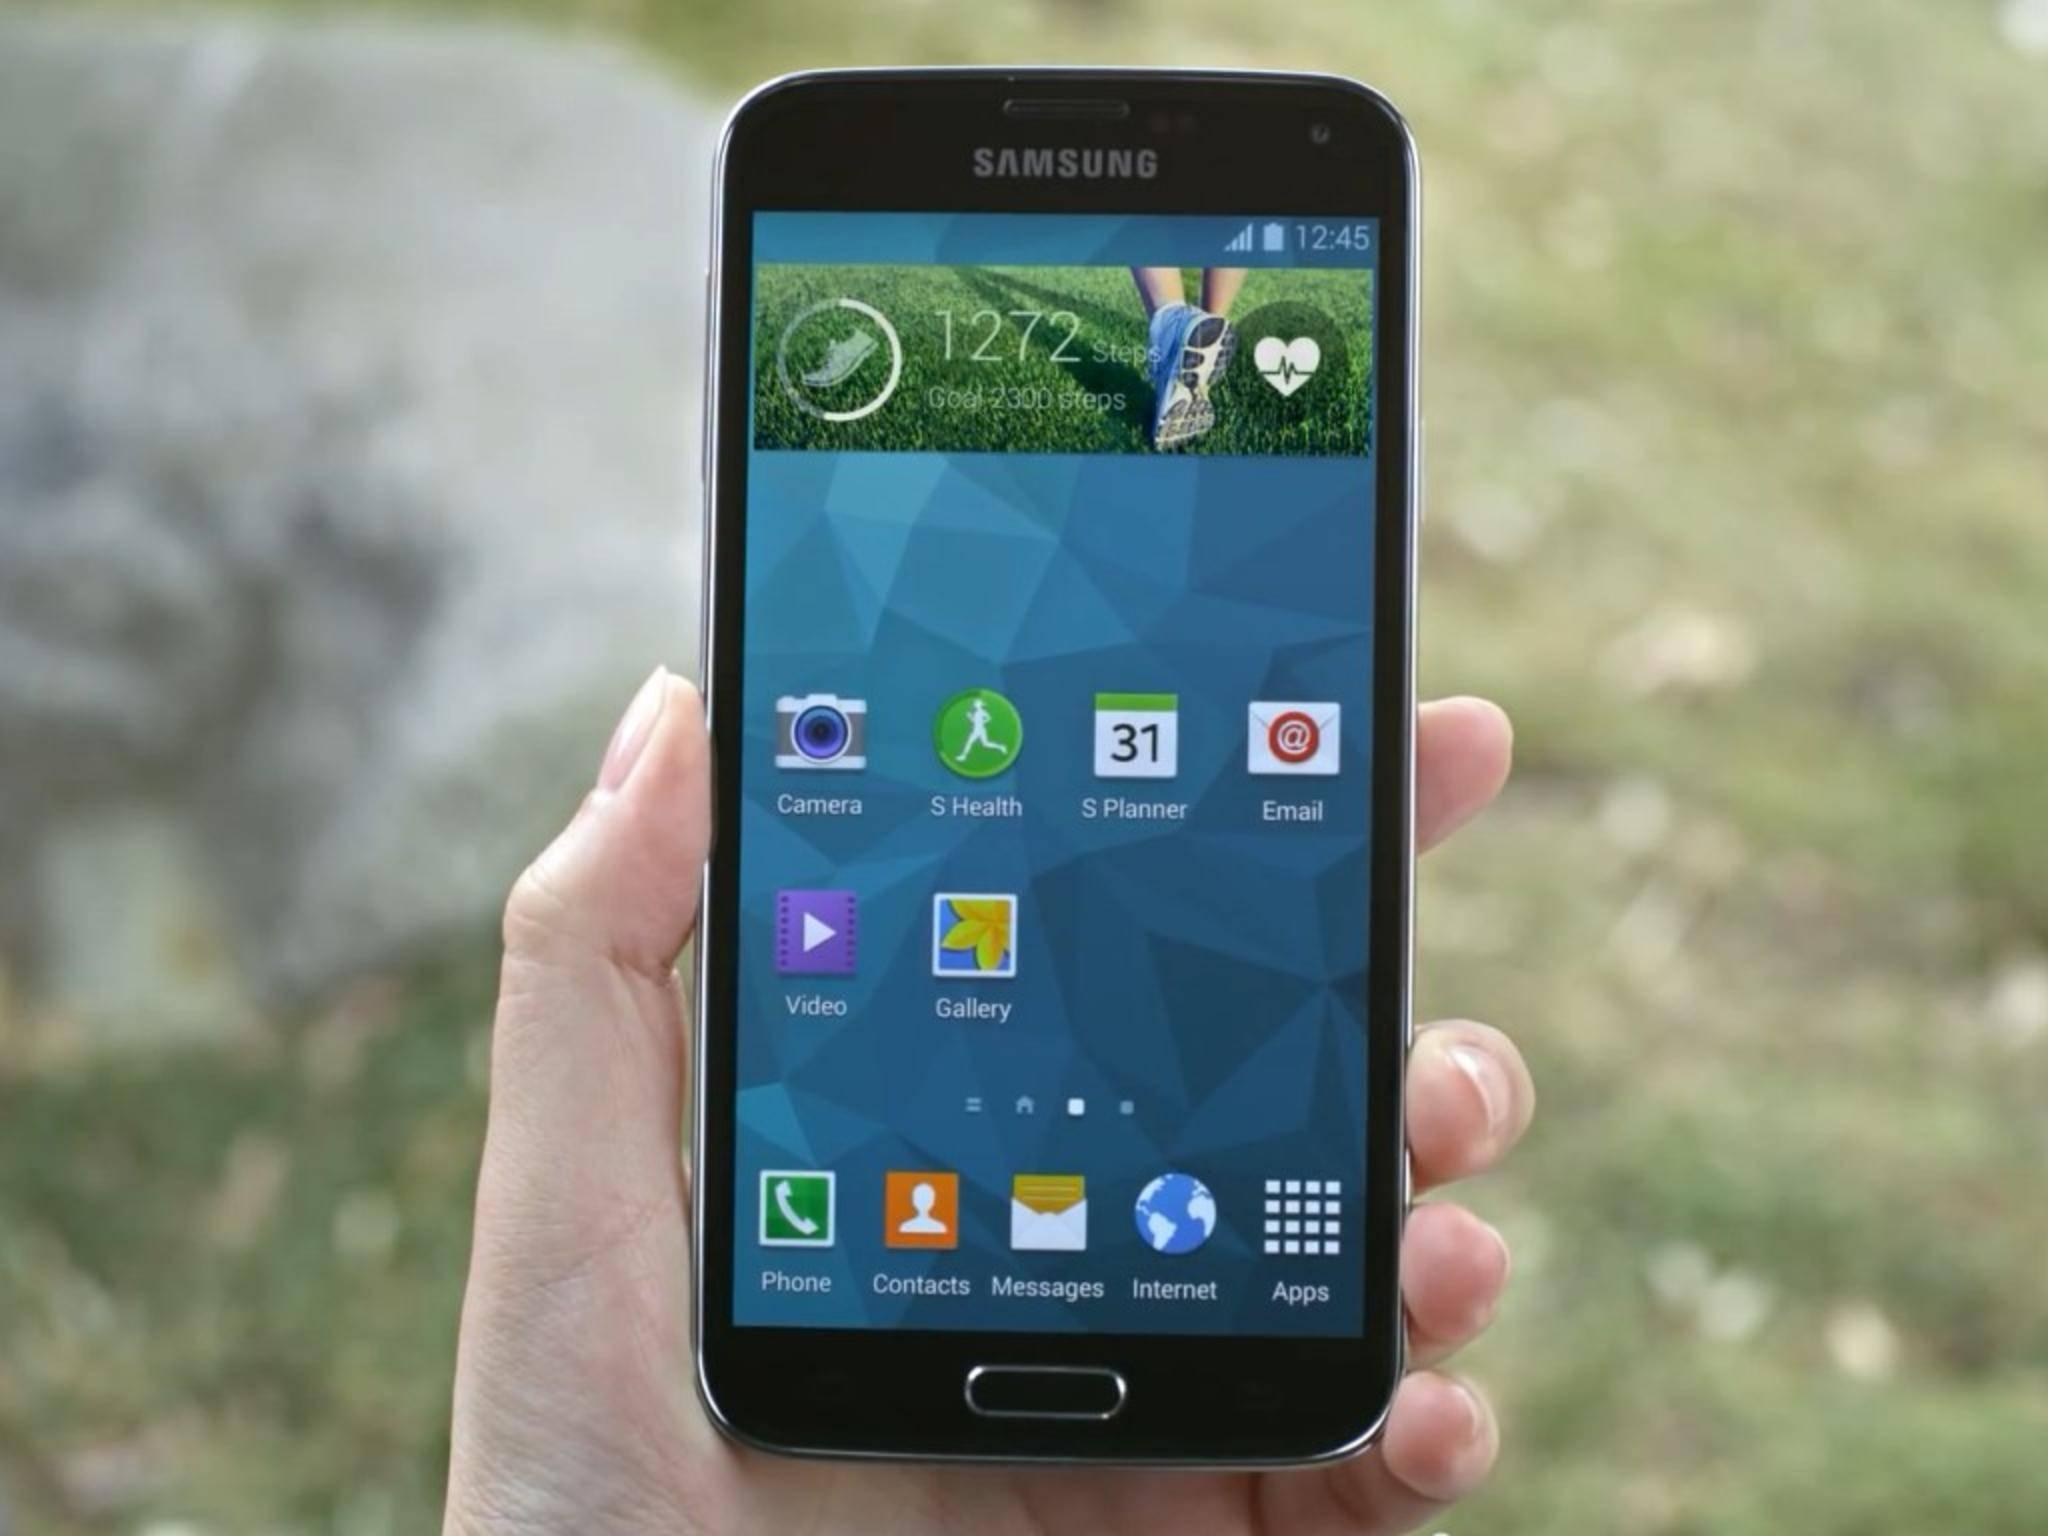 Ausgeliefert wird das Samsung Galaxy S5 mit Android 4.4 KitKat.